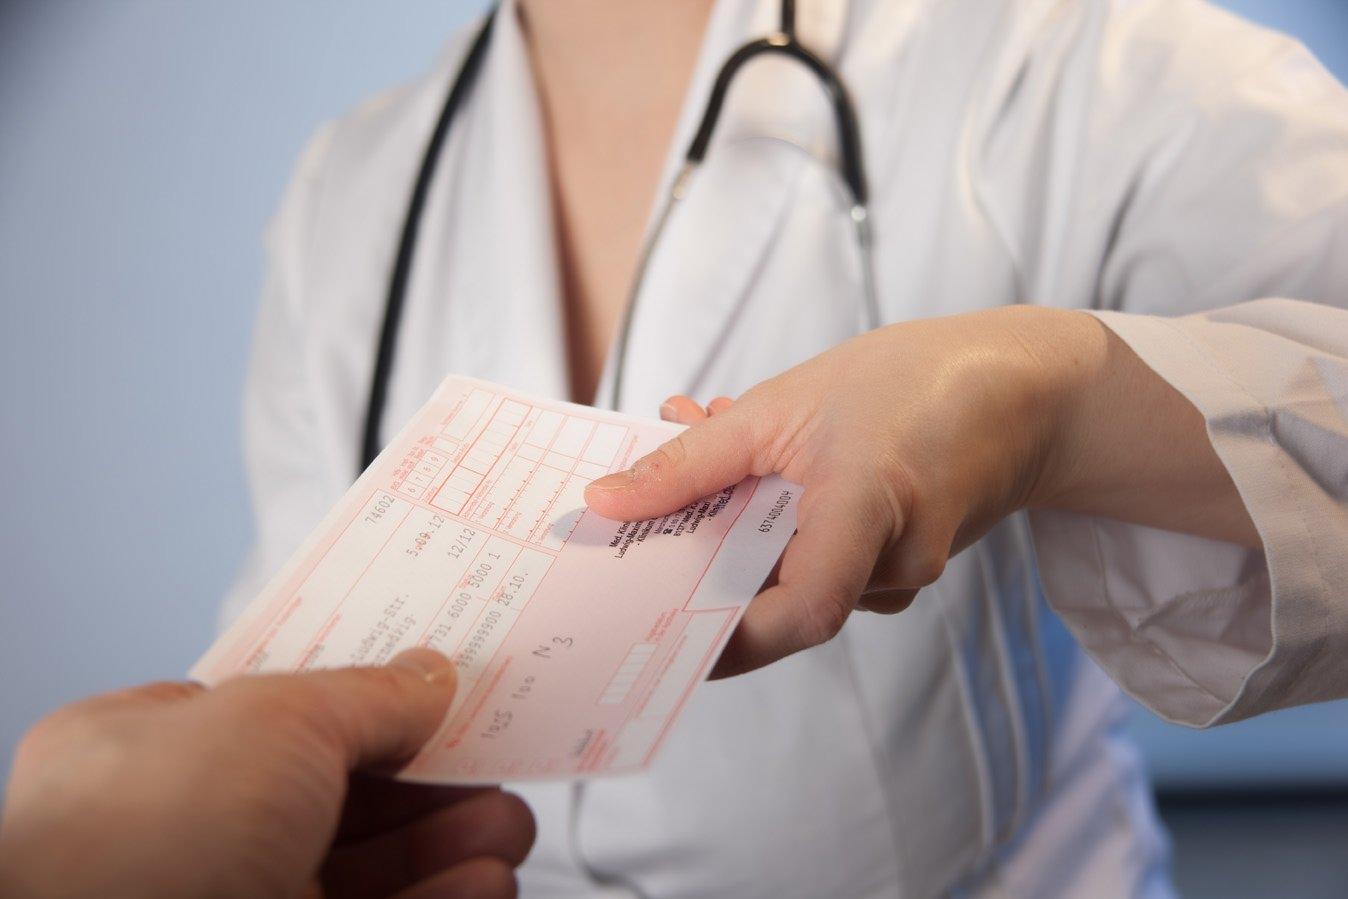 Farmacie: fattura esente IVA per cessione di beni anti Covid-19